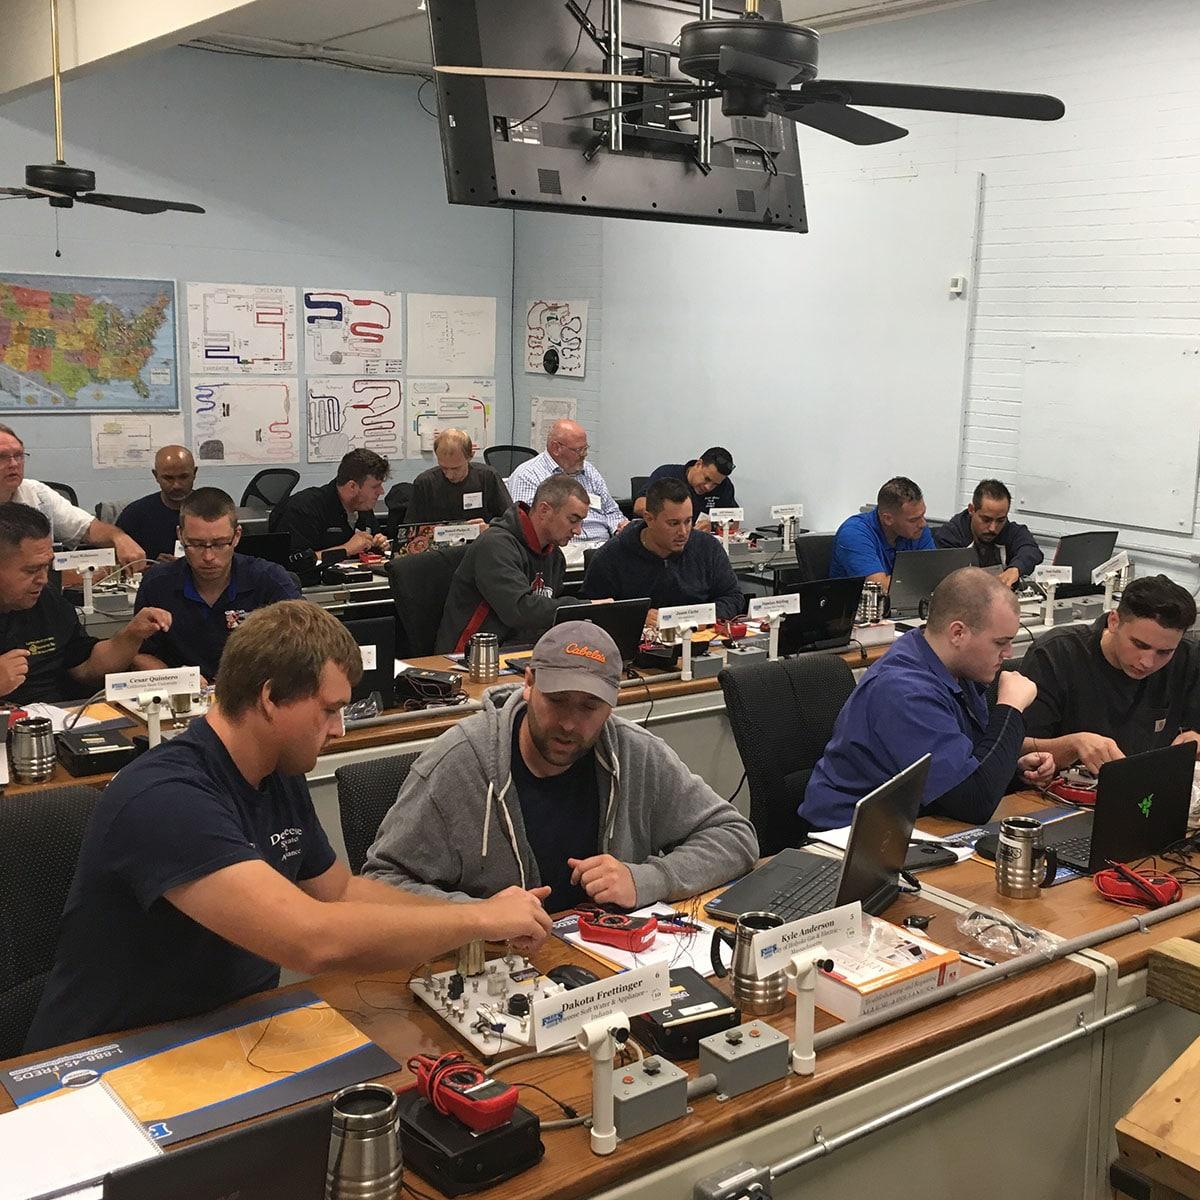 Three Week Course - Basic Appliance Repair